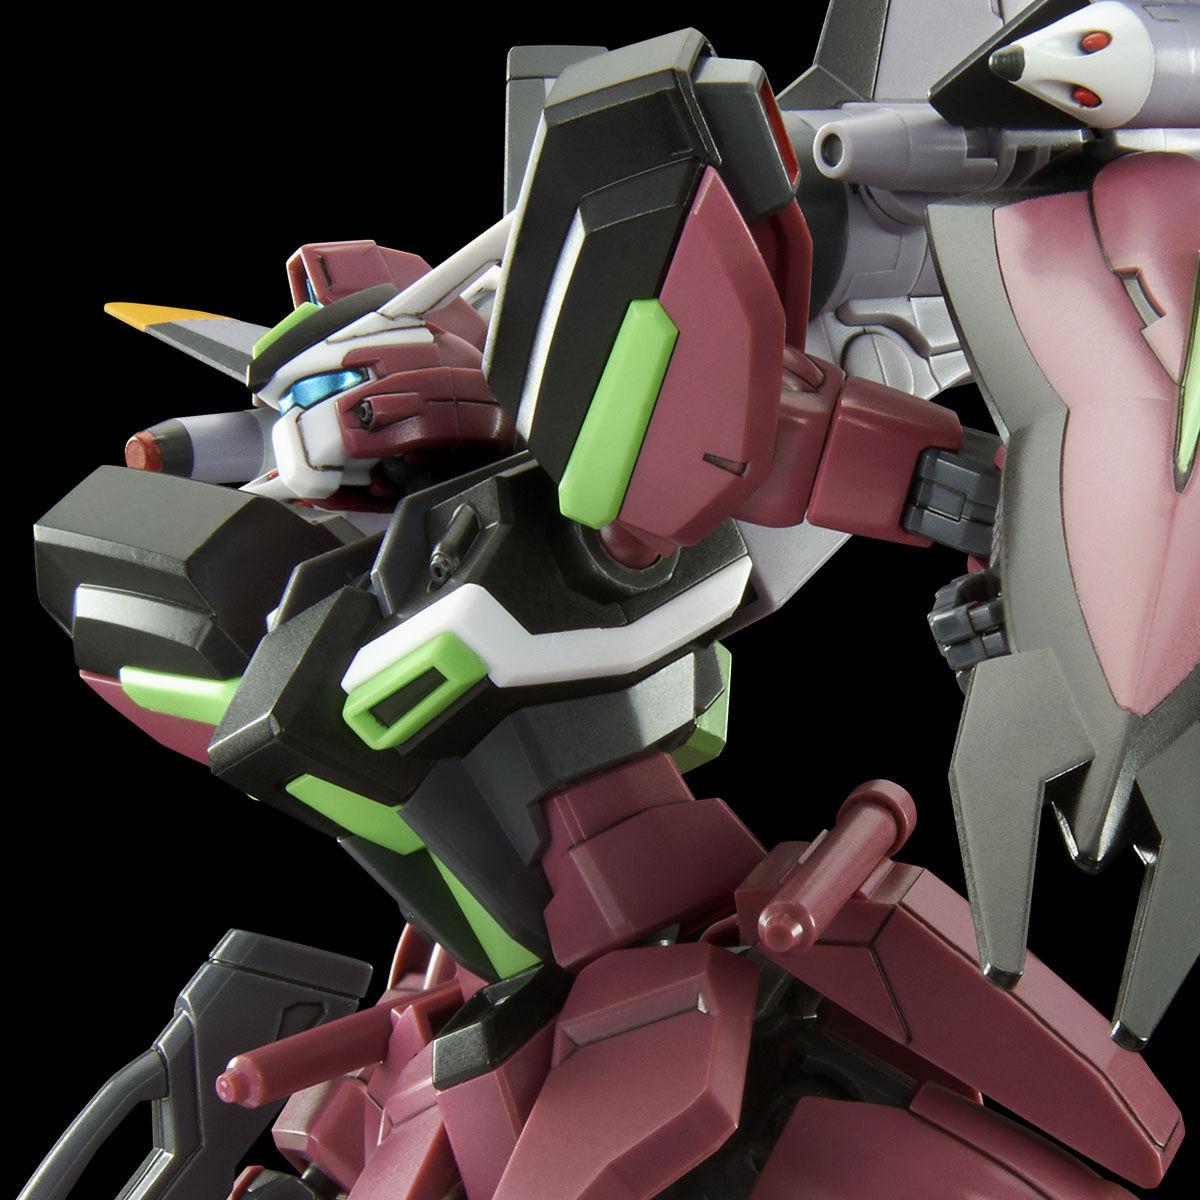 HGCE 1/144『ウィンダム(ネオ・ロアノーク専用機)』ガンダムSEED DESTINY プラモデル-001